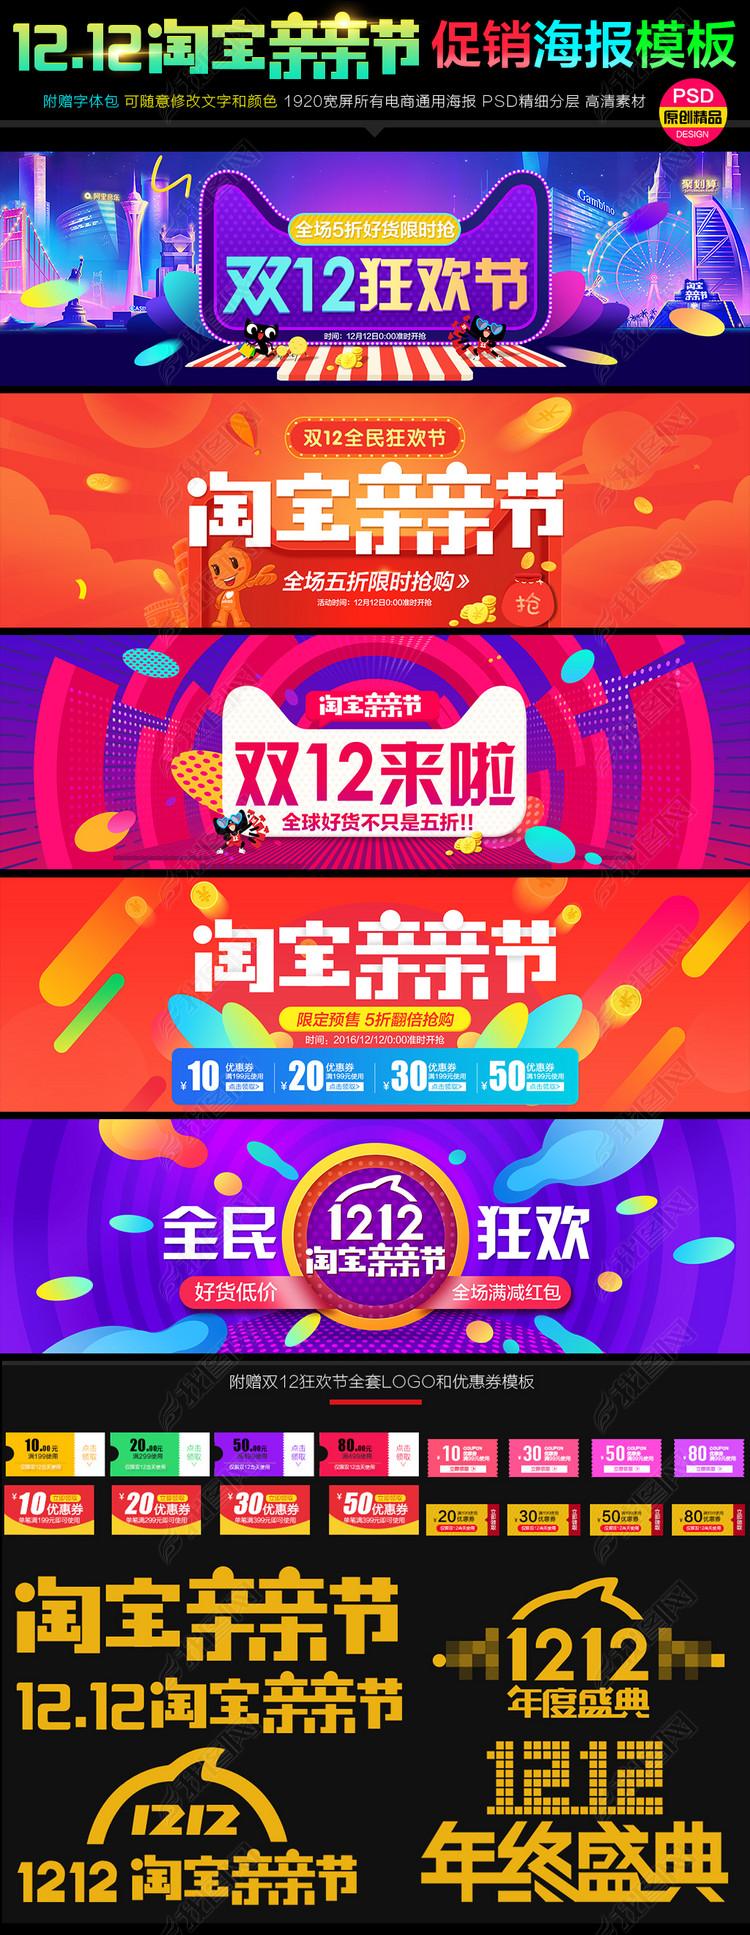 2016淘宝双12亲亲节首页促销海报模板